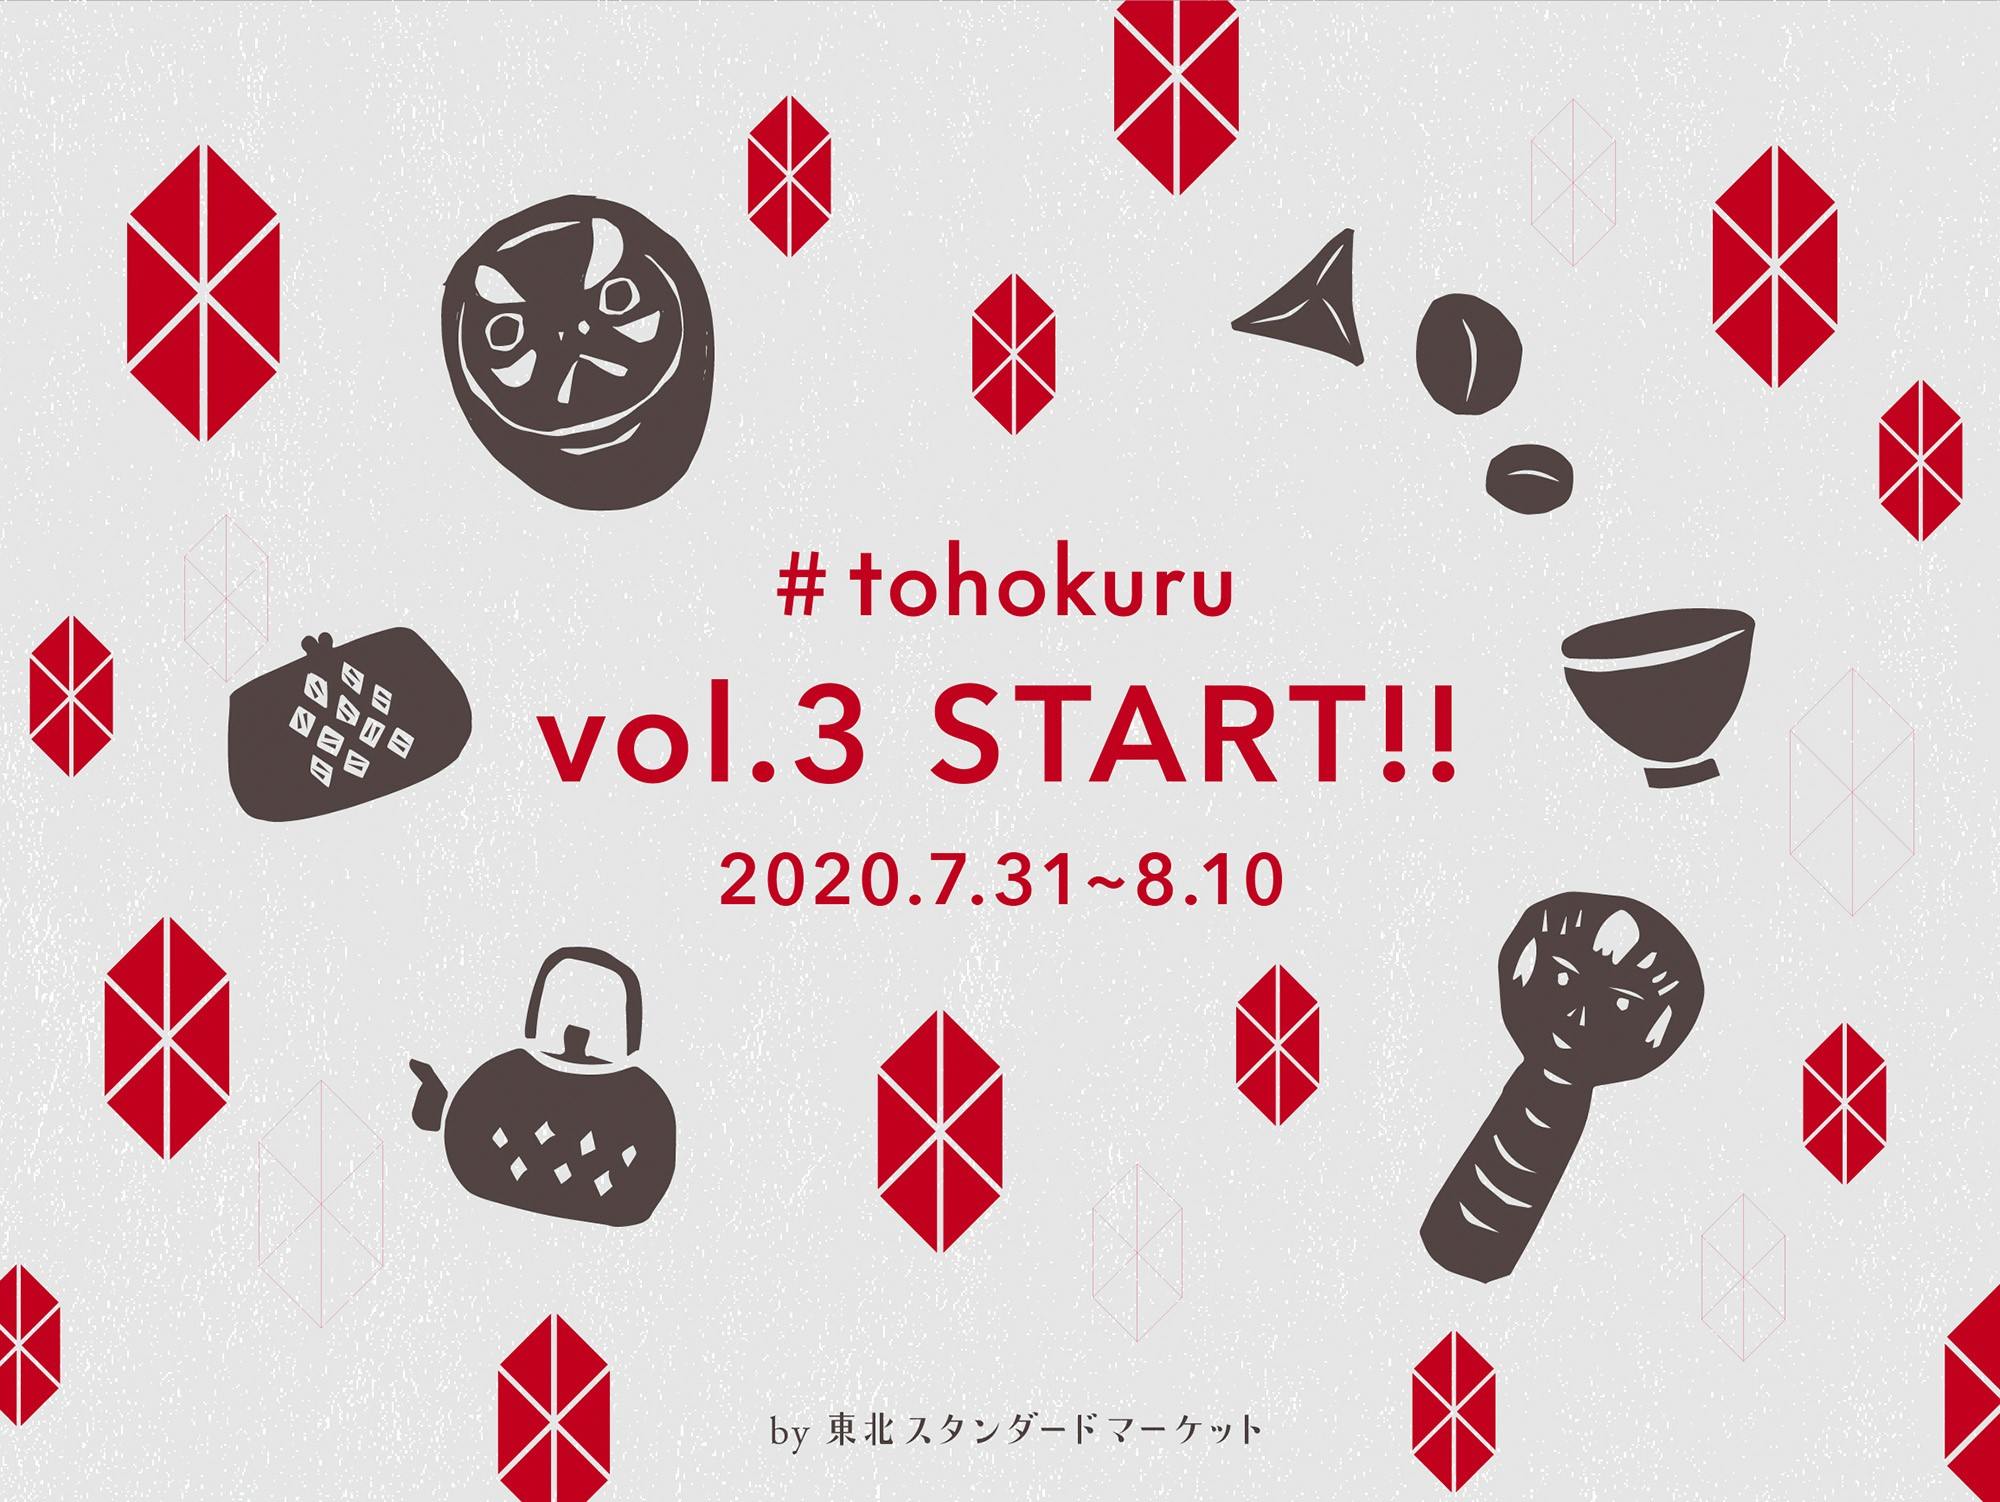 東北スタンダードマーケット「#tohokuru vol.3」に参加します。